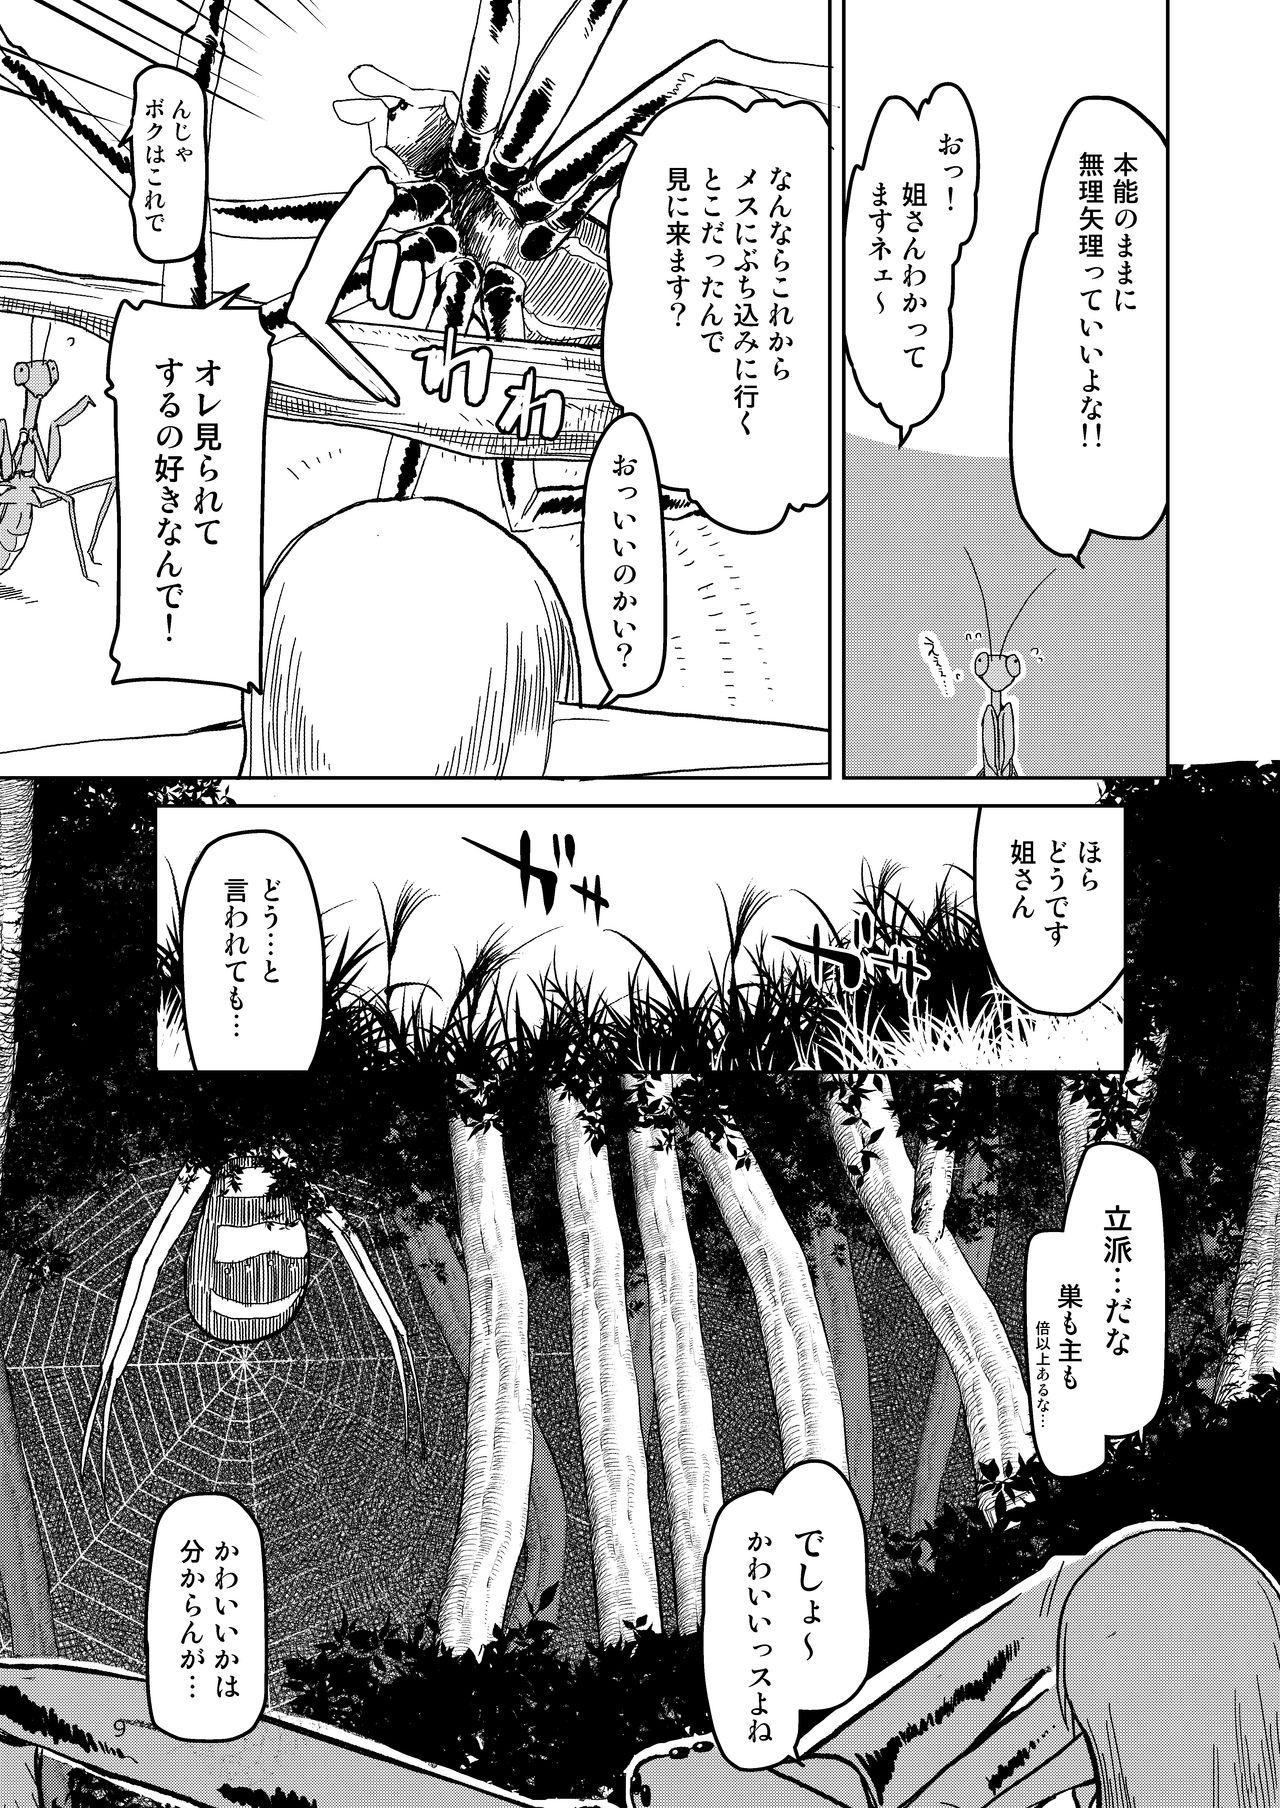 Dosukebe Elf no Ishukan Nikki Matome 2 9